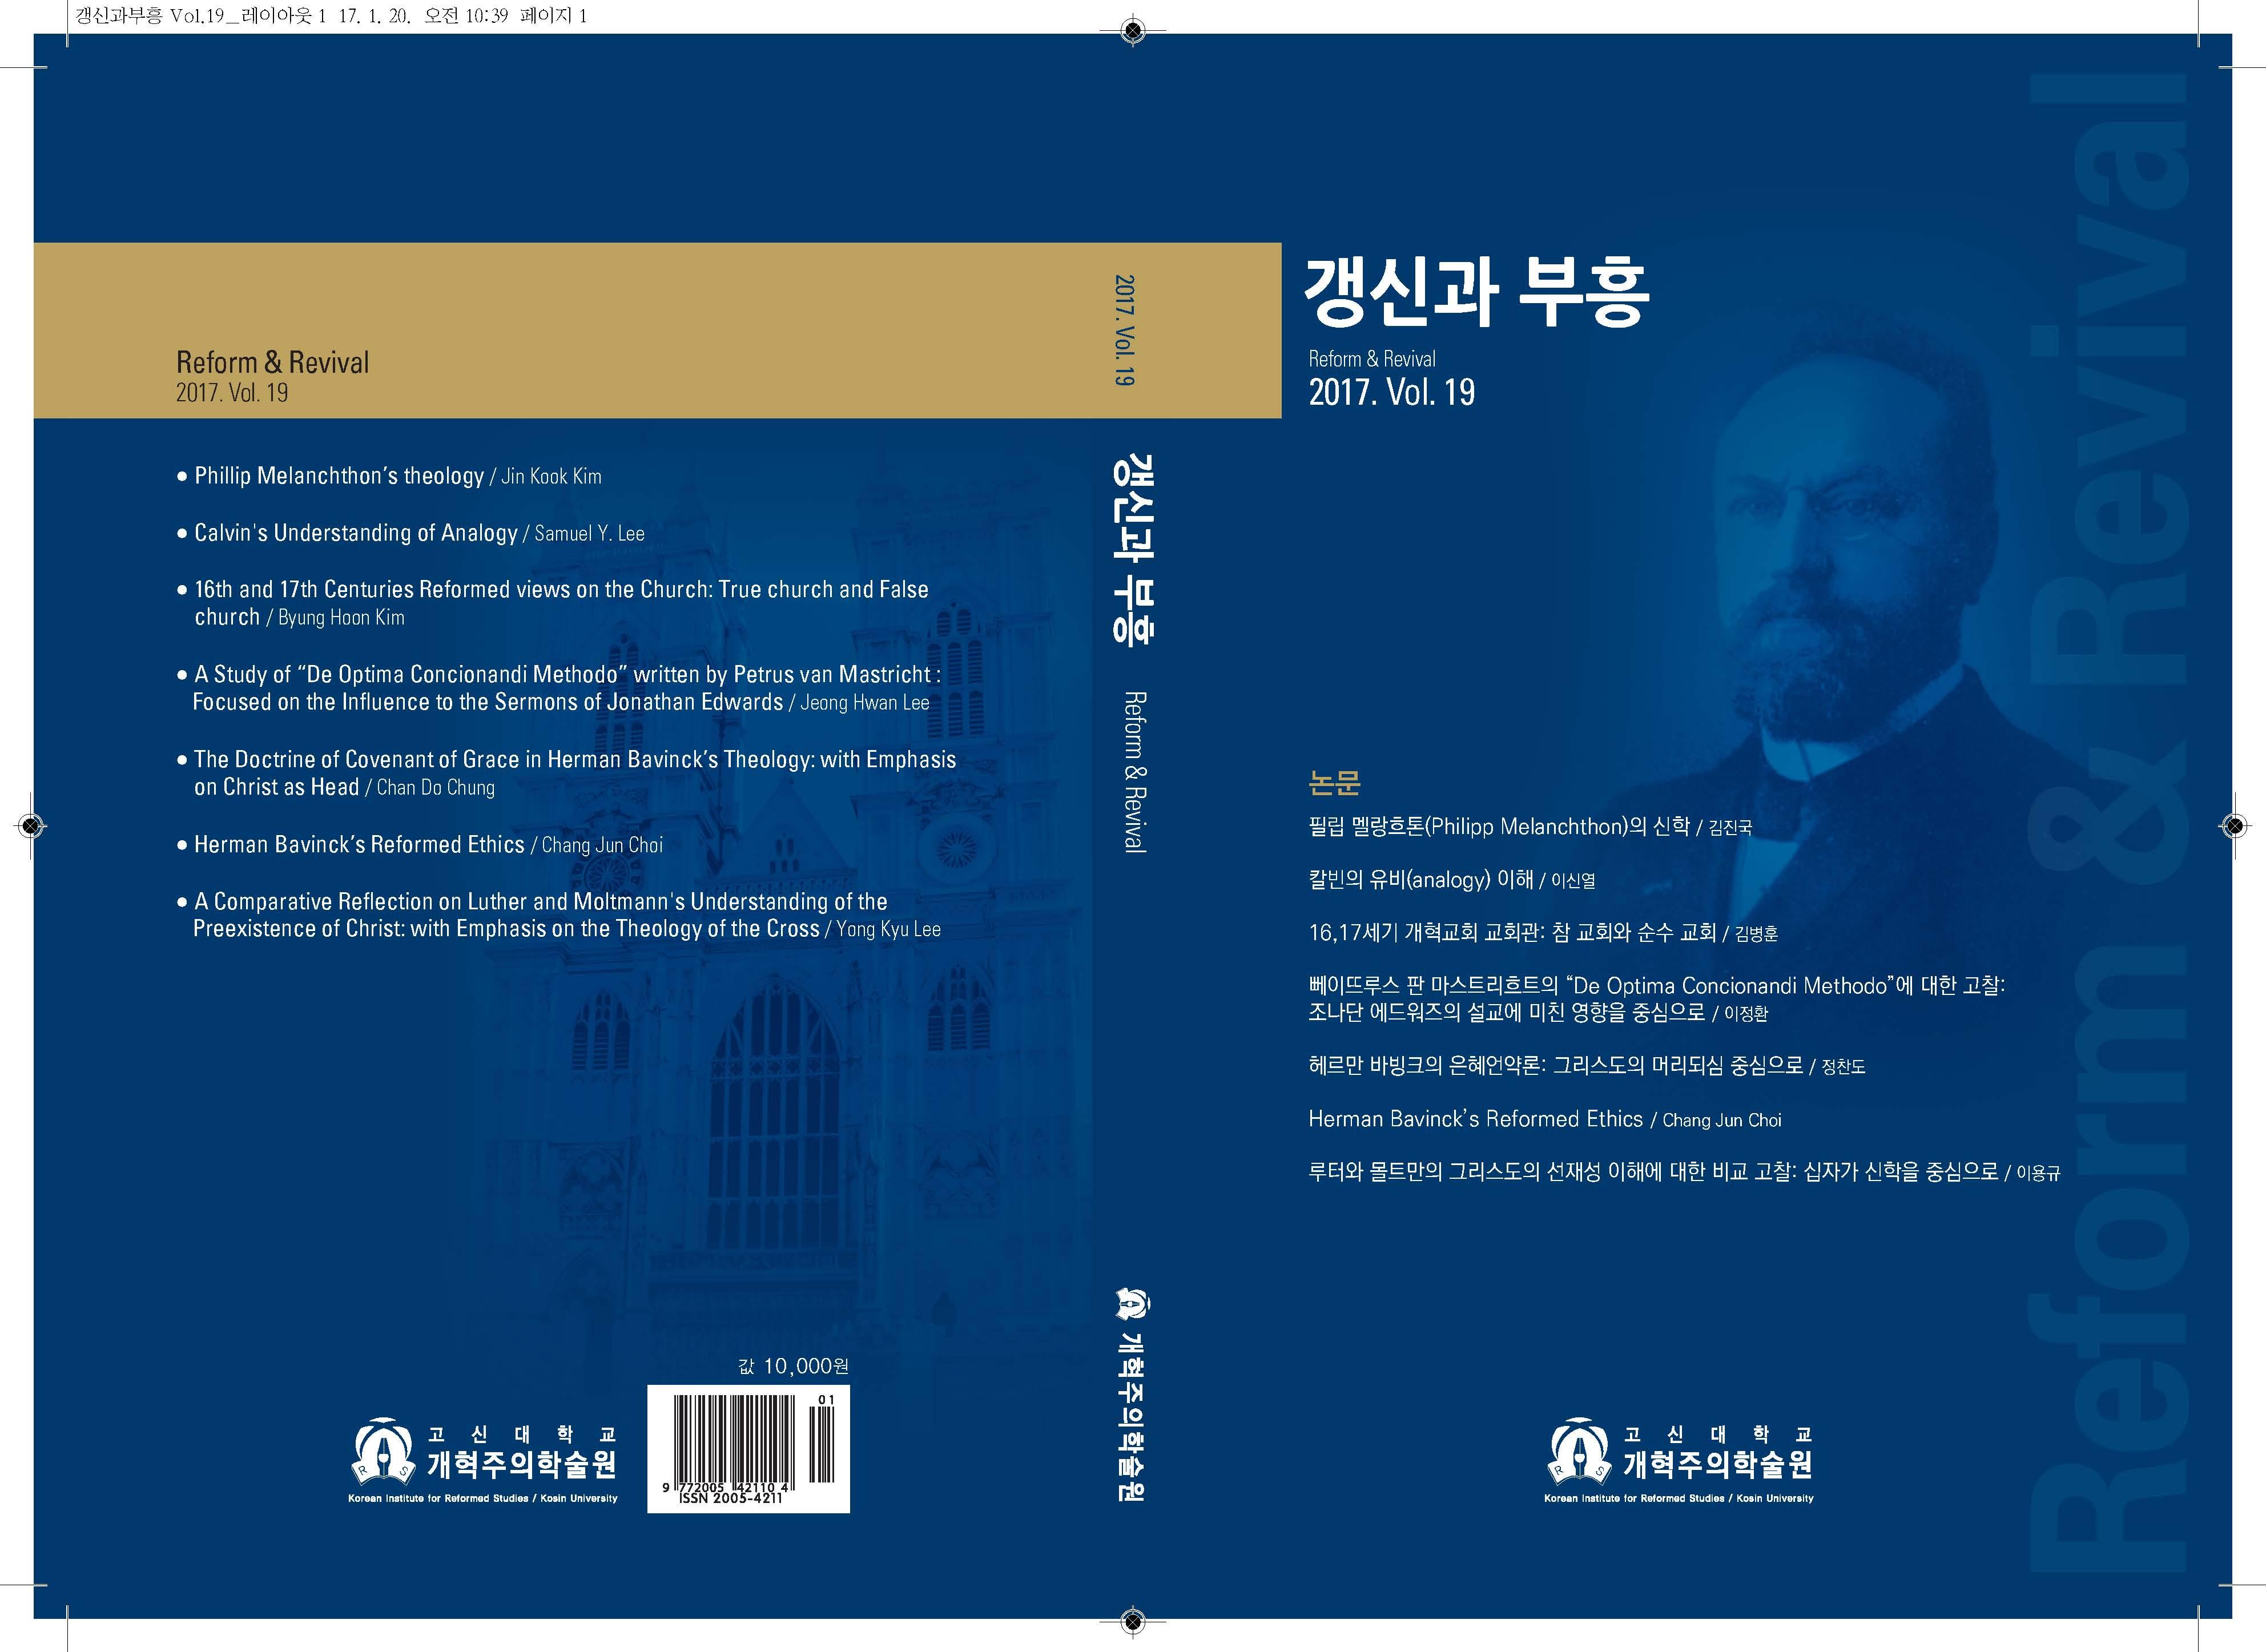 갱신과부흥 Vol.19_수정3_Page_1.jpg